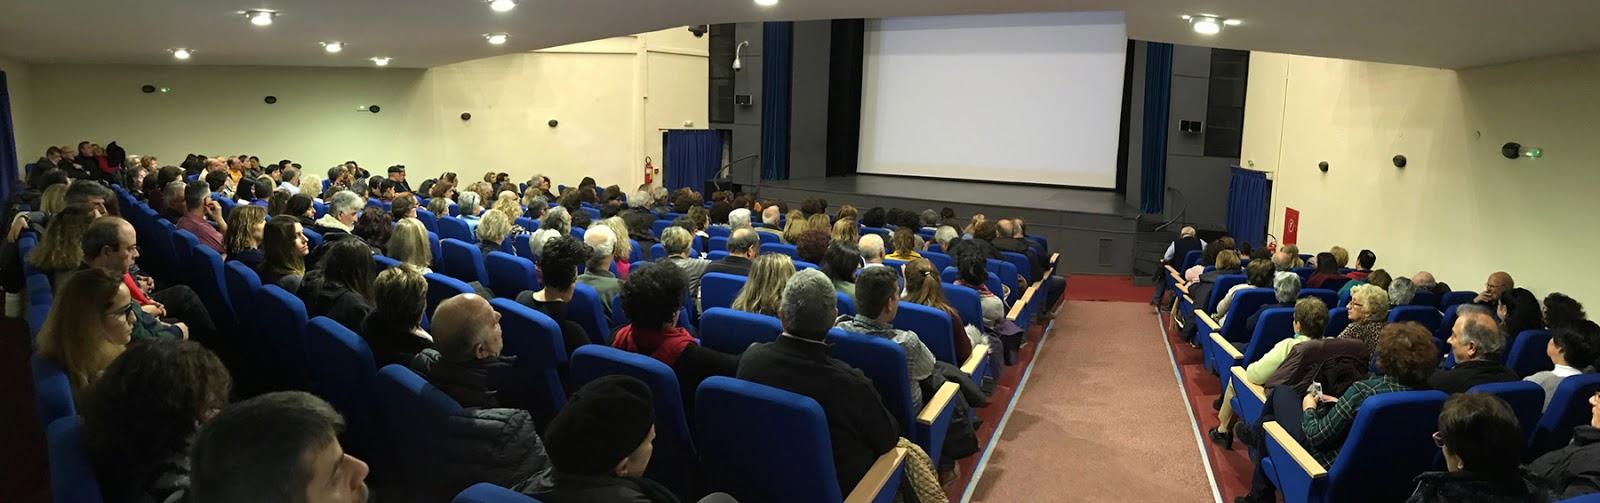 Εντυπωσιακή συμμετοχή στις προβολές της Κινηματογραφικής Λέσχης του Δήμου Πολυγύρου